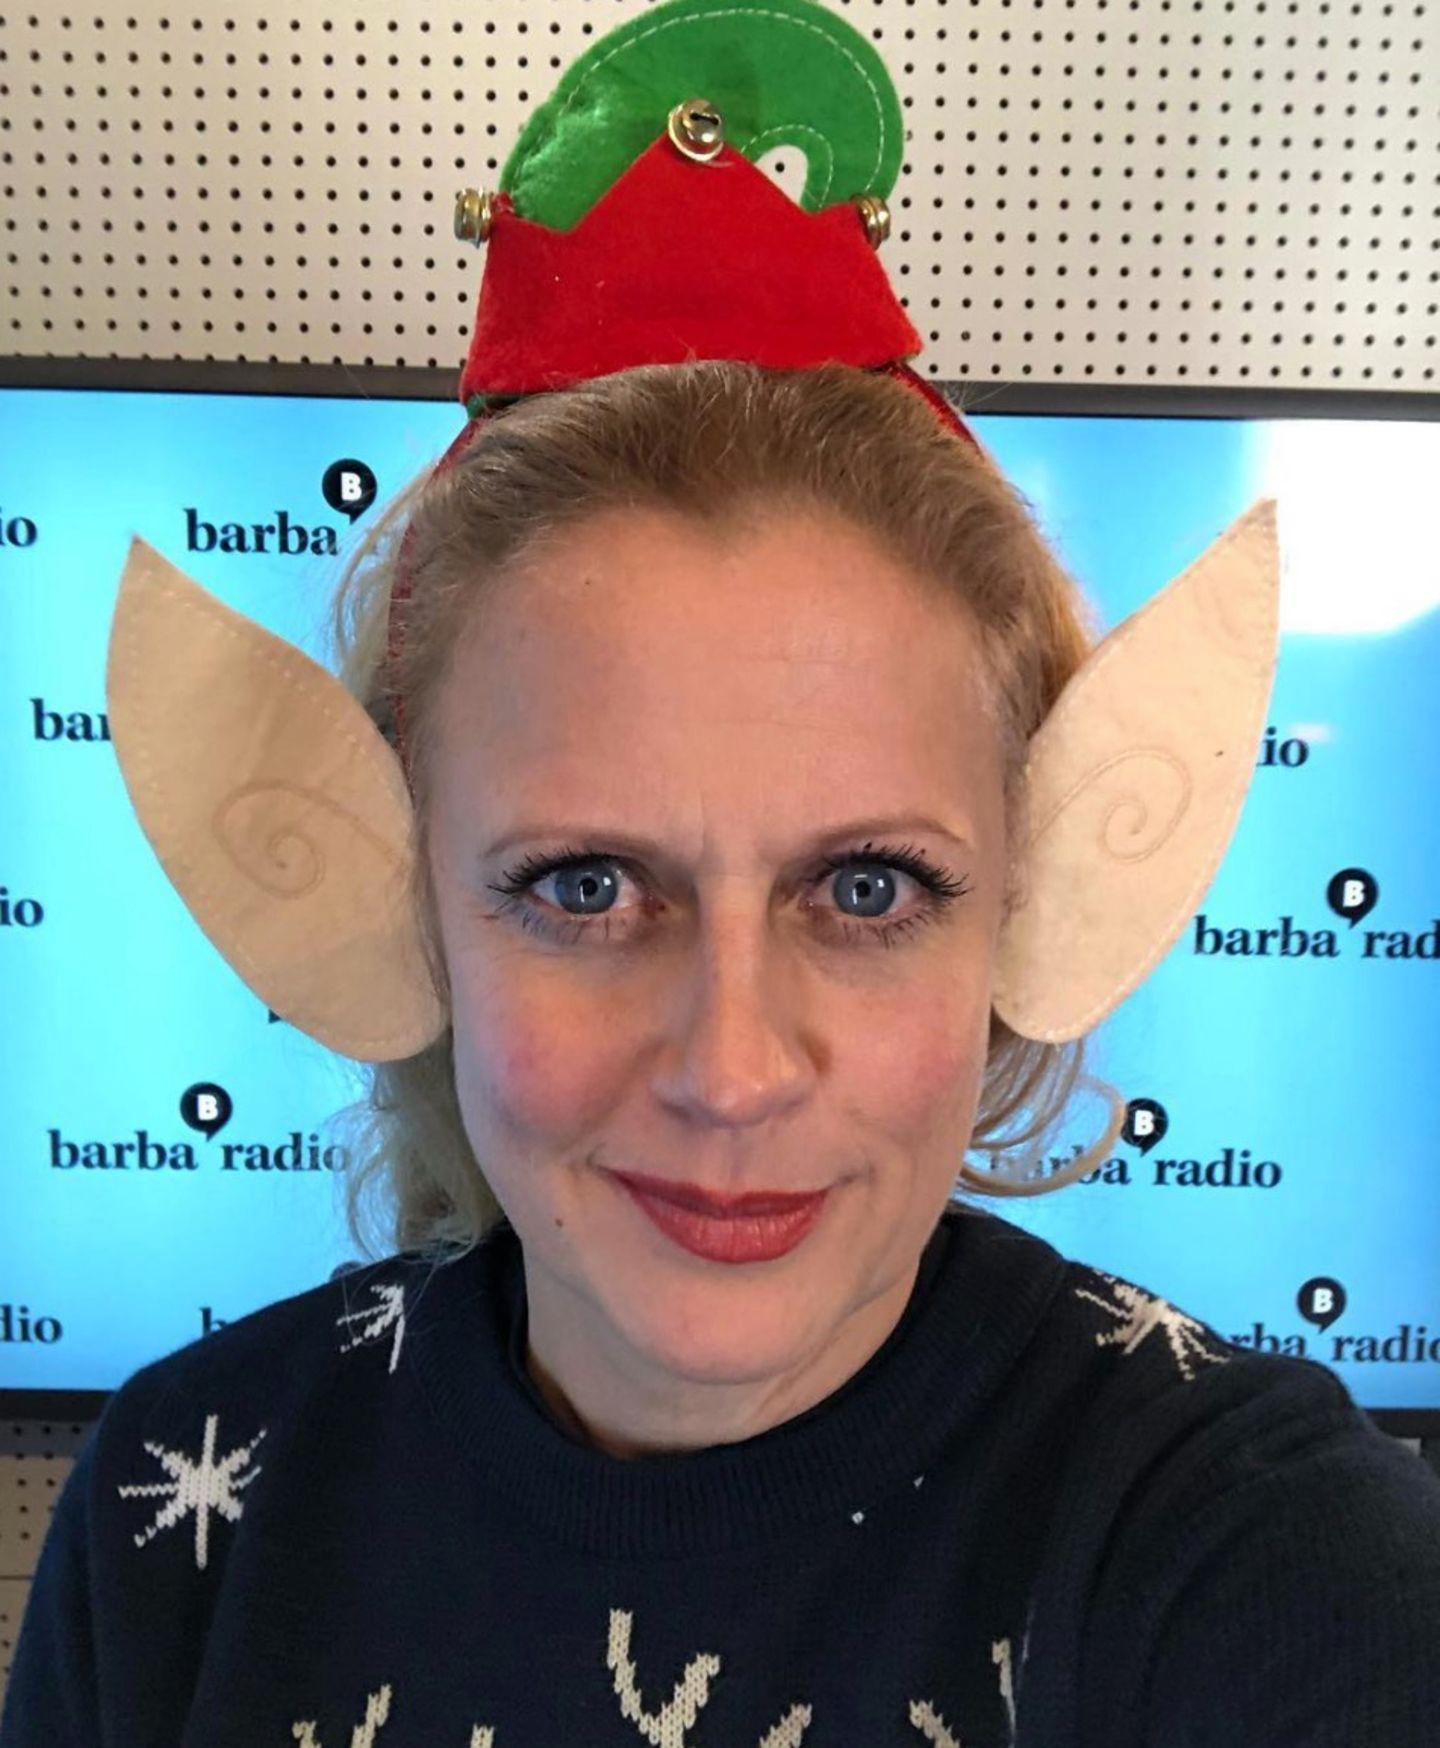 Barbara Schöneberger hat das Weihnachtsfieber erwischt. Der Moderatorin wachsen schon große Elfenohren. Auf Instagram droht Ansteckungsgefahr.